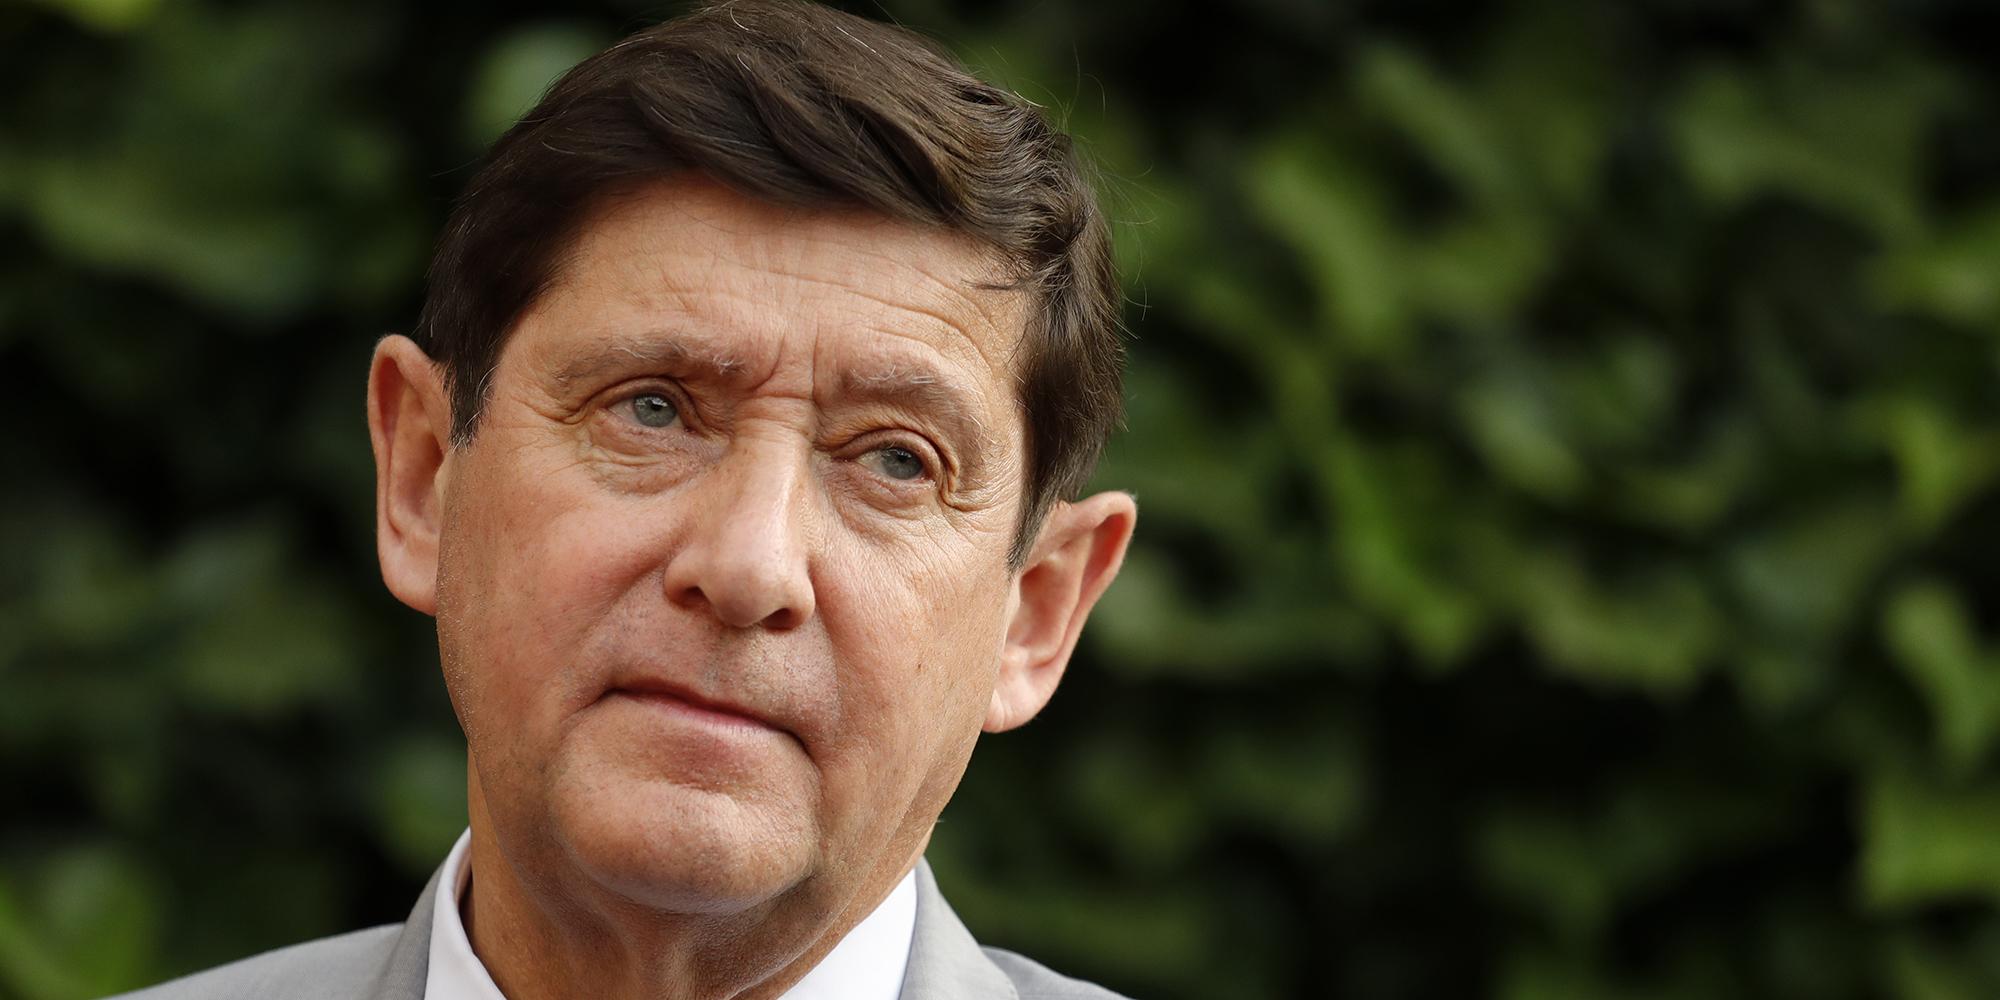 Niche parlementaire refusée : la colère des sénateurs socialistes contre le gouvernement